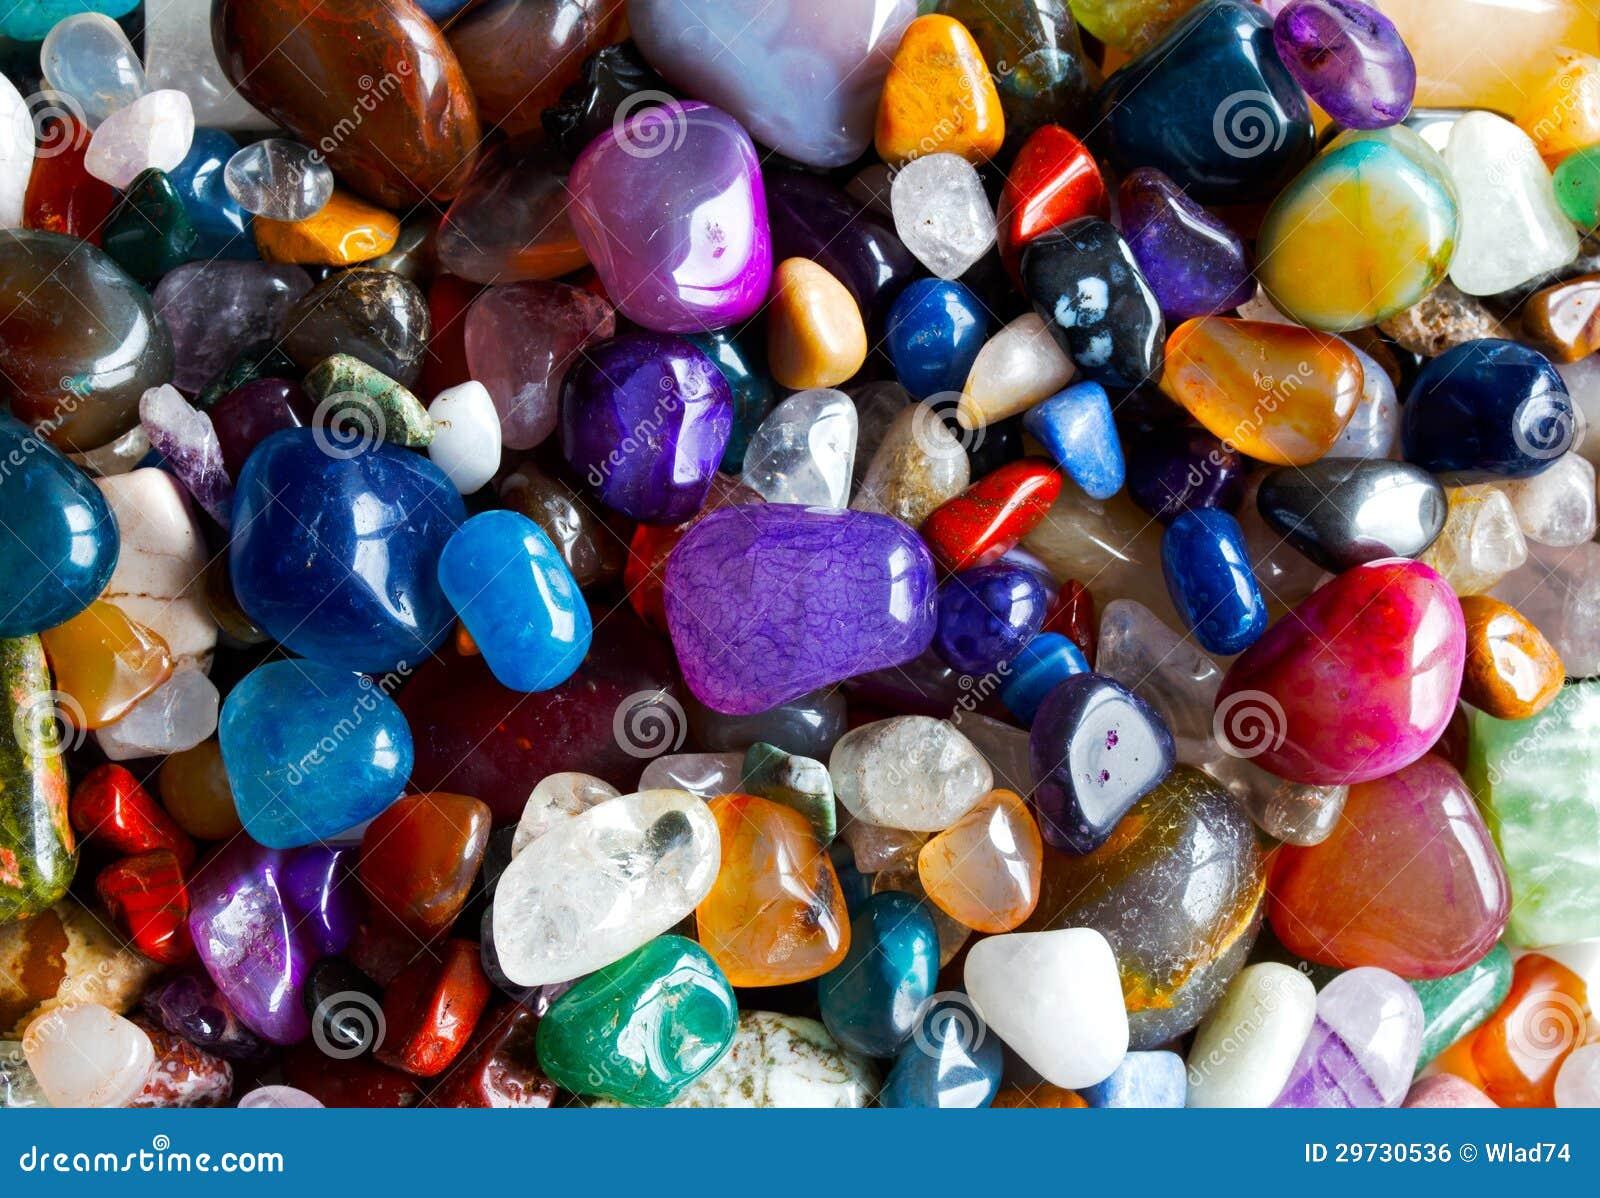 29730536 - Tipos de cristales ...